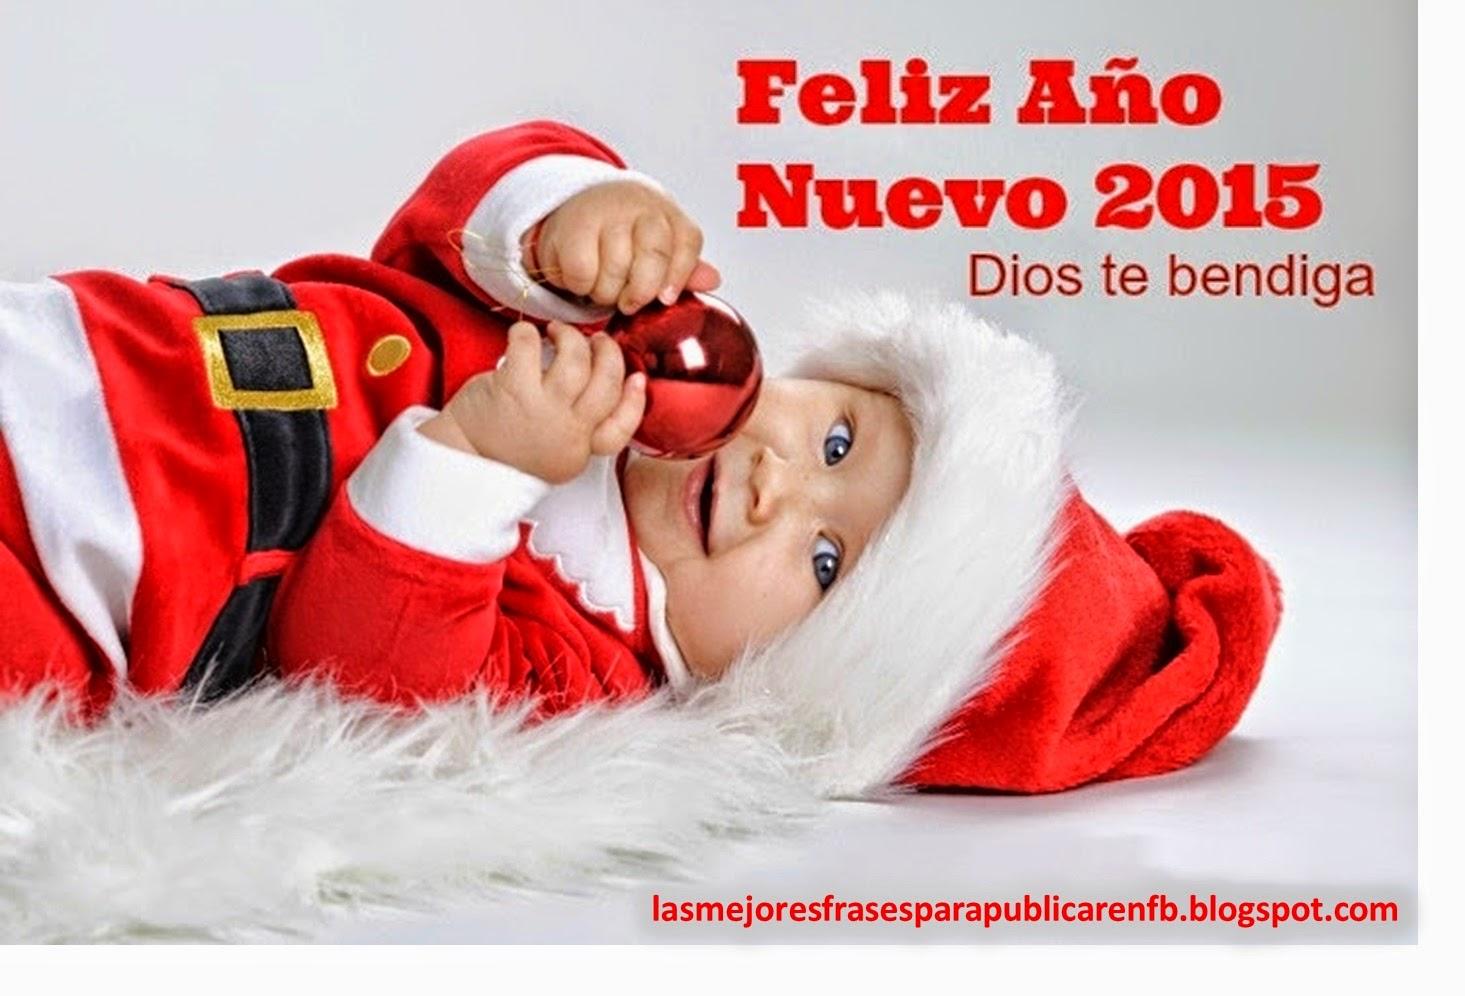 Frases De Año Nuevo: Feliz Año Nuevo 2015